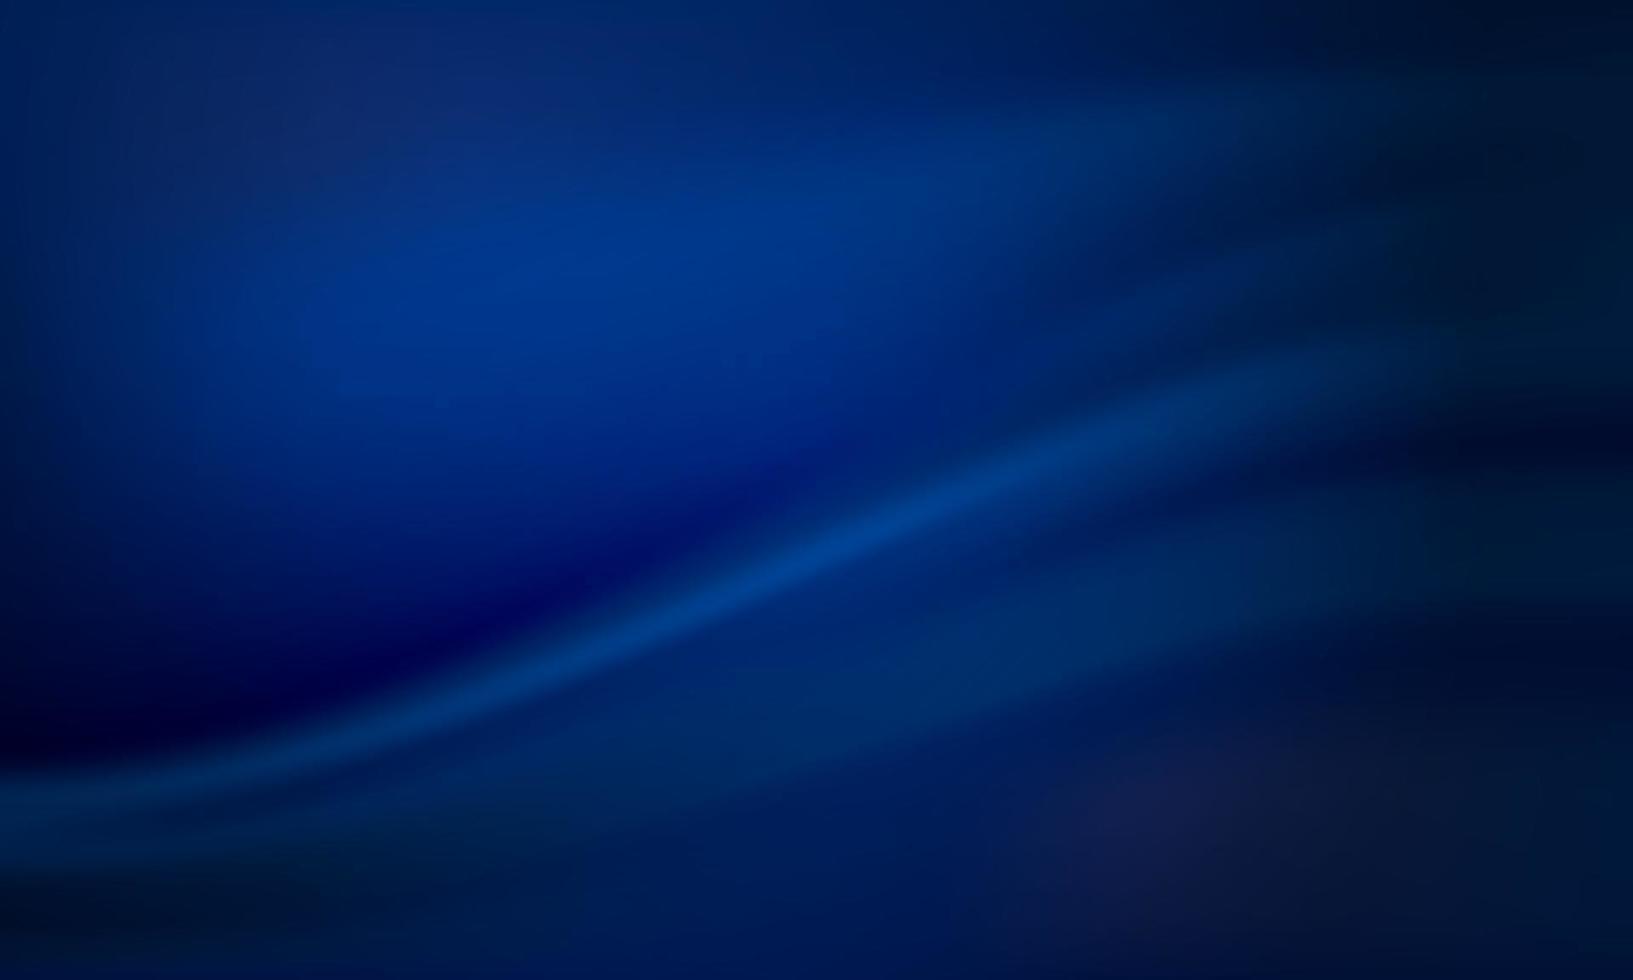 ilustração vetorial de fundo de tecido azul vetor